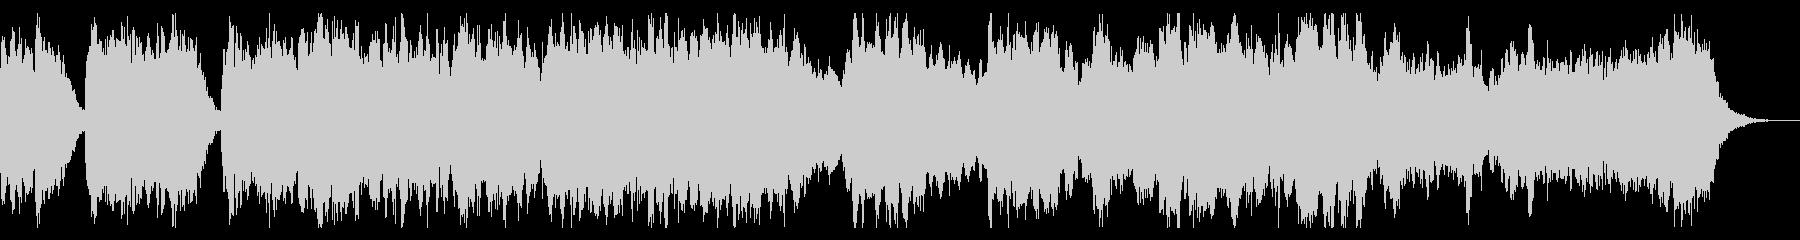 ダークなアルペジオと合唱が特徴的なBGMの未再生の波形